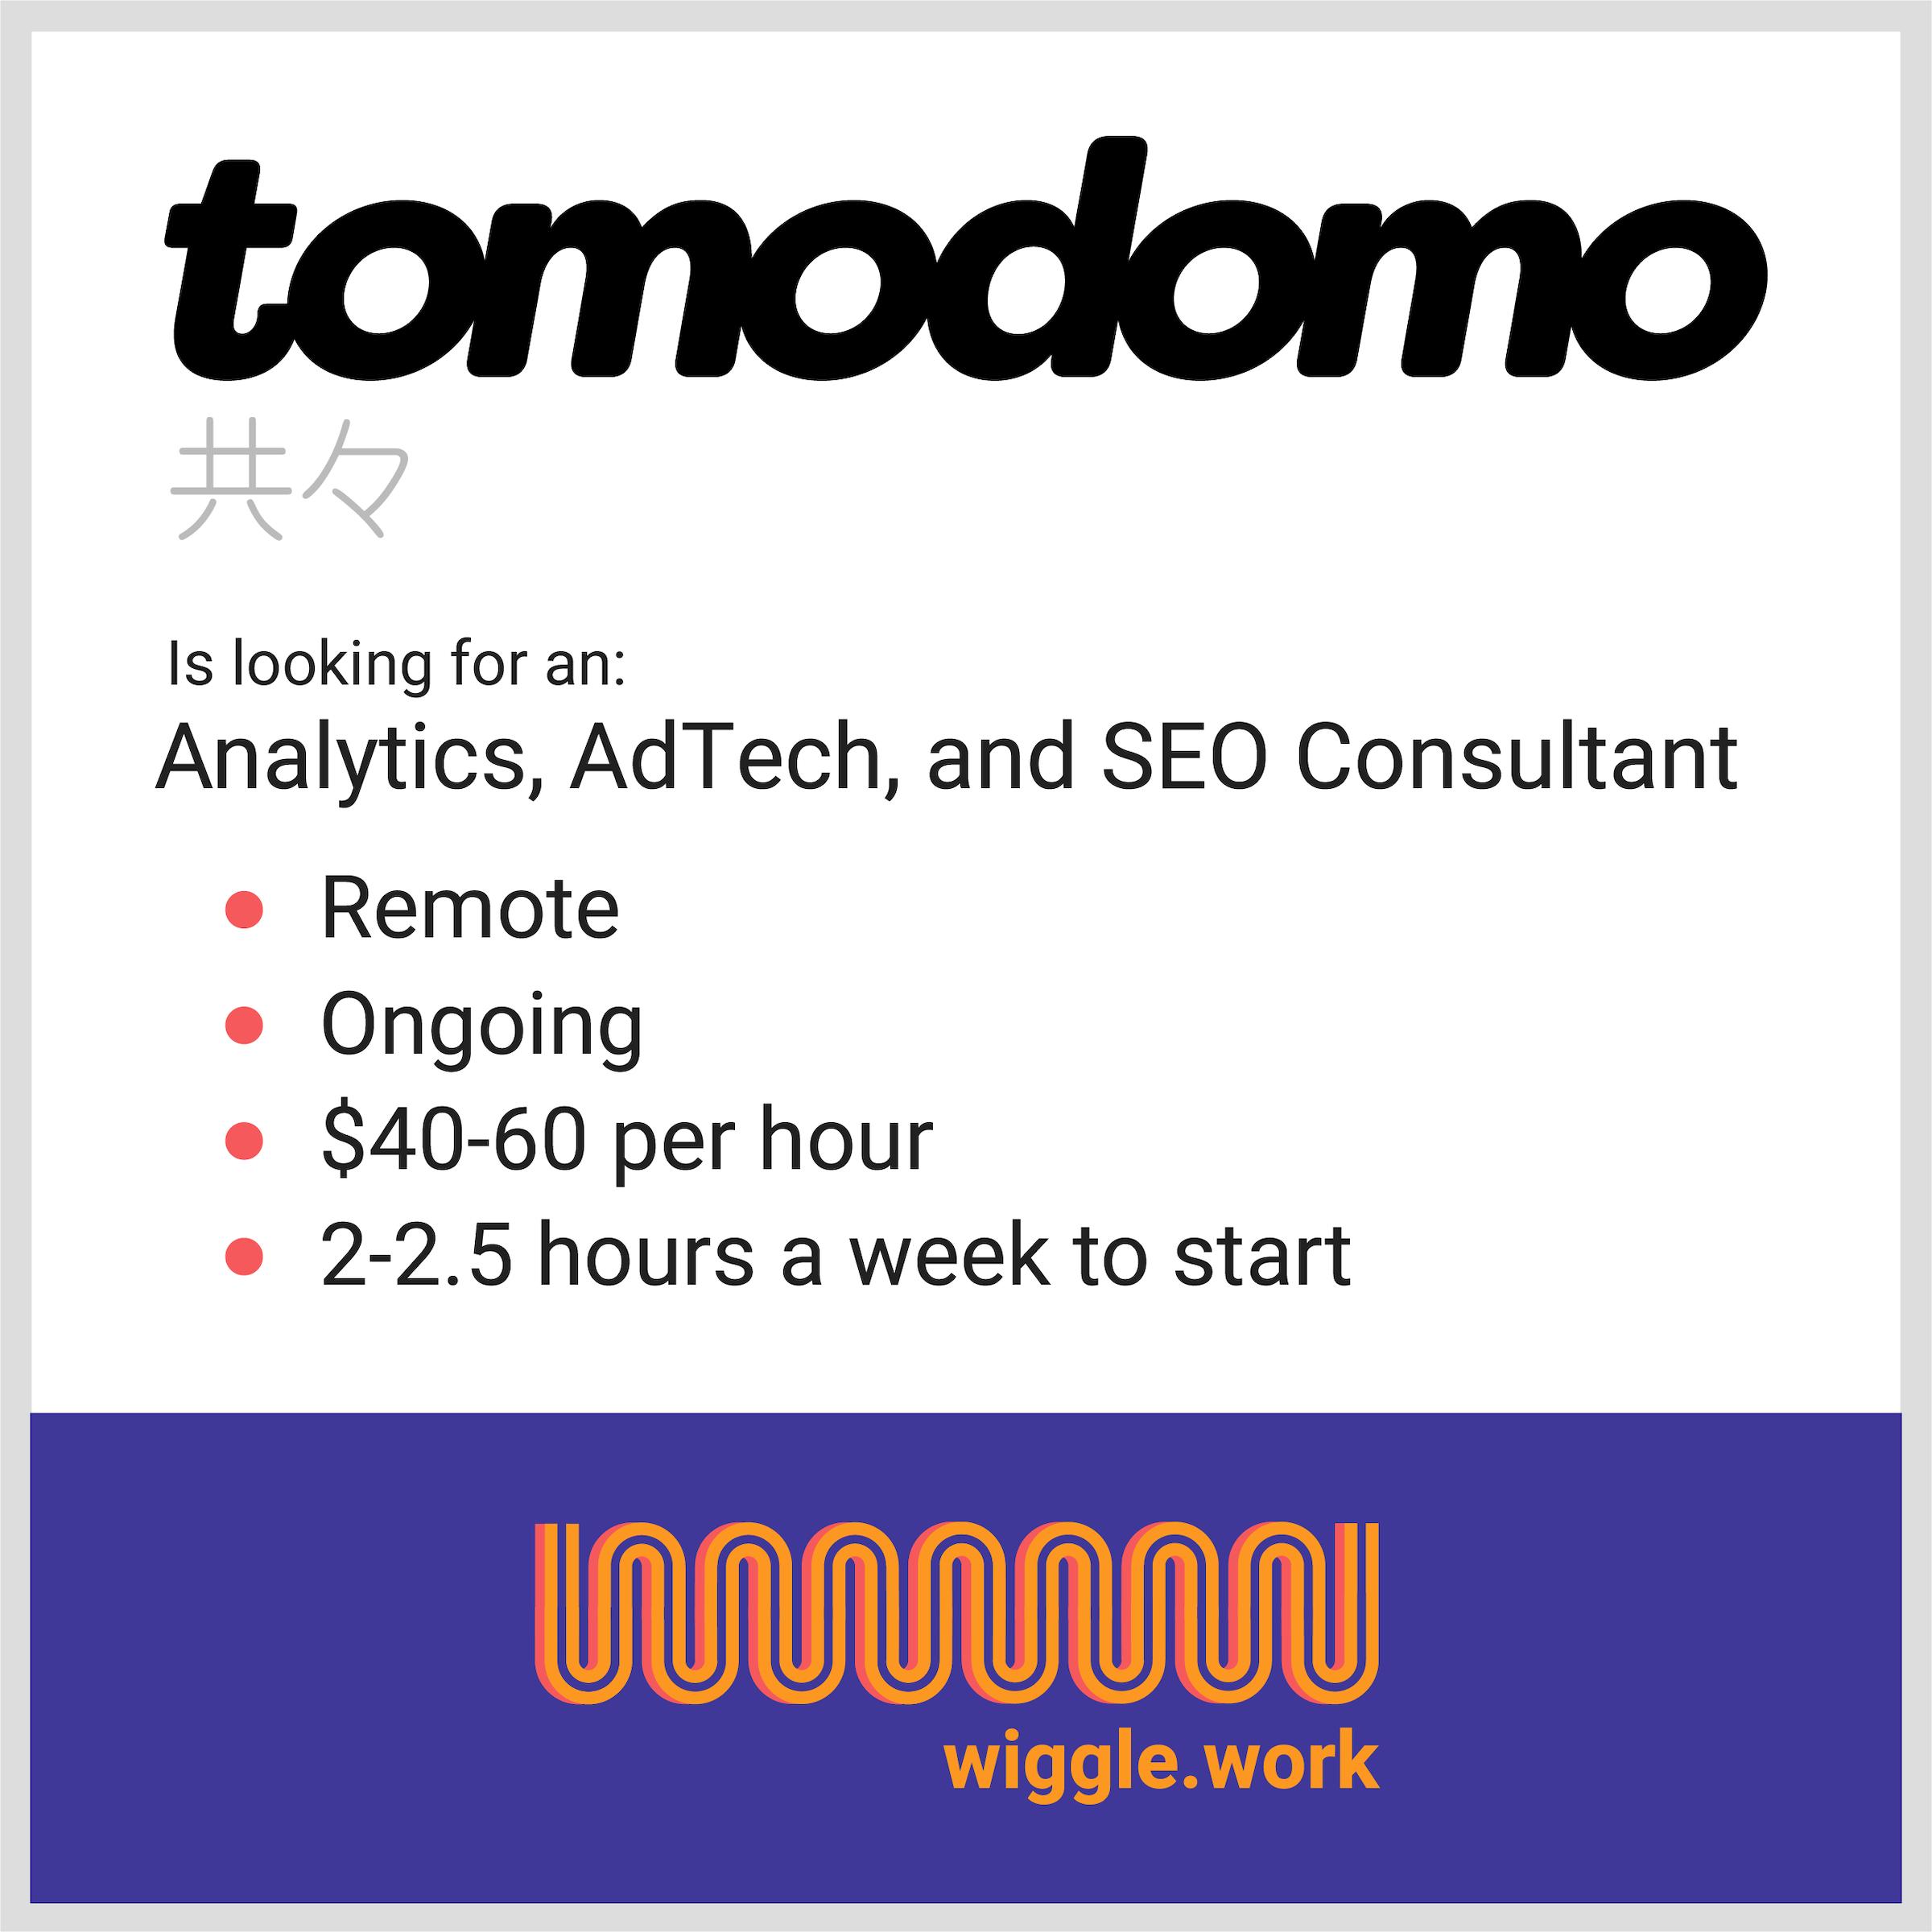 A job ad